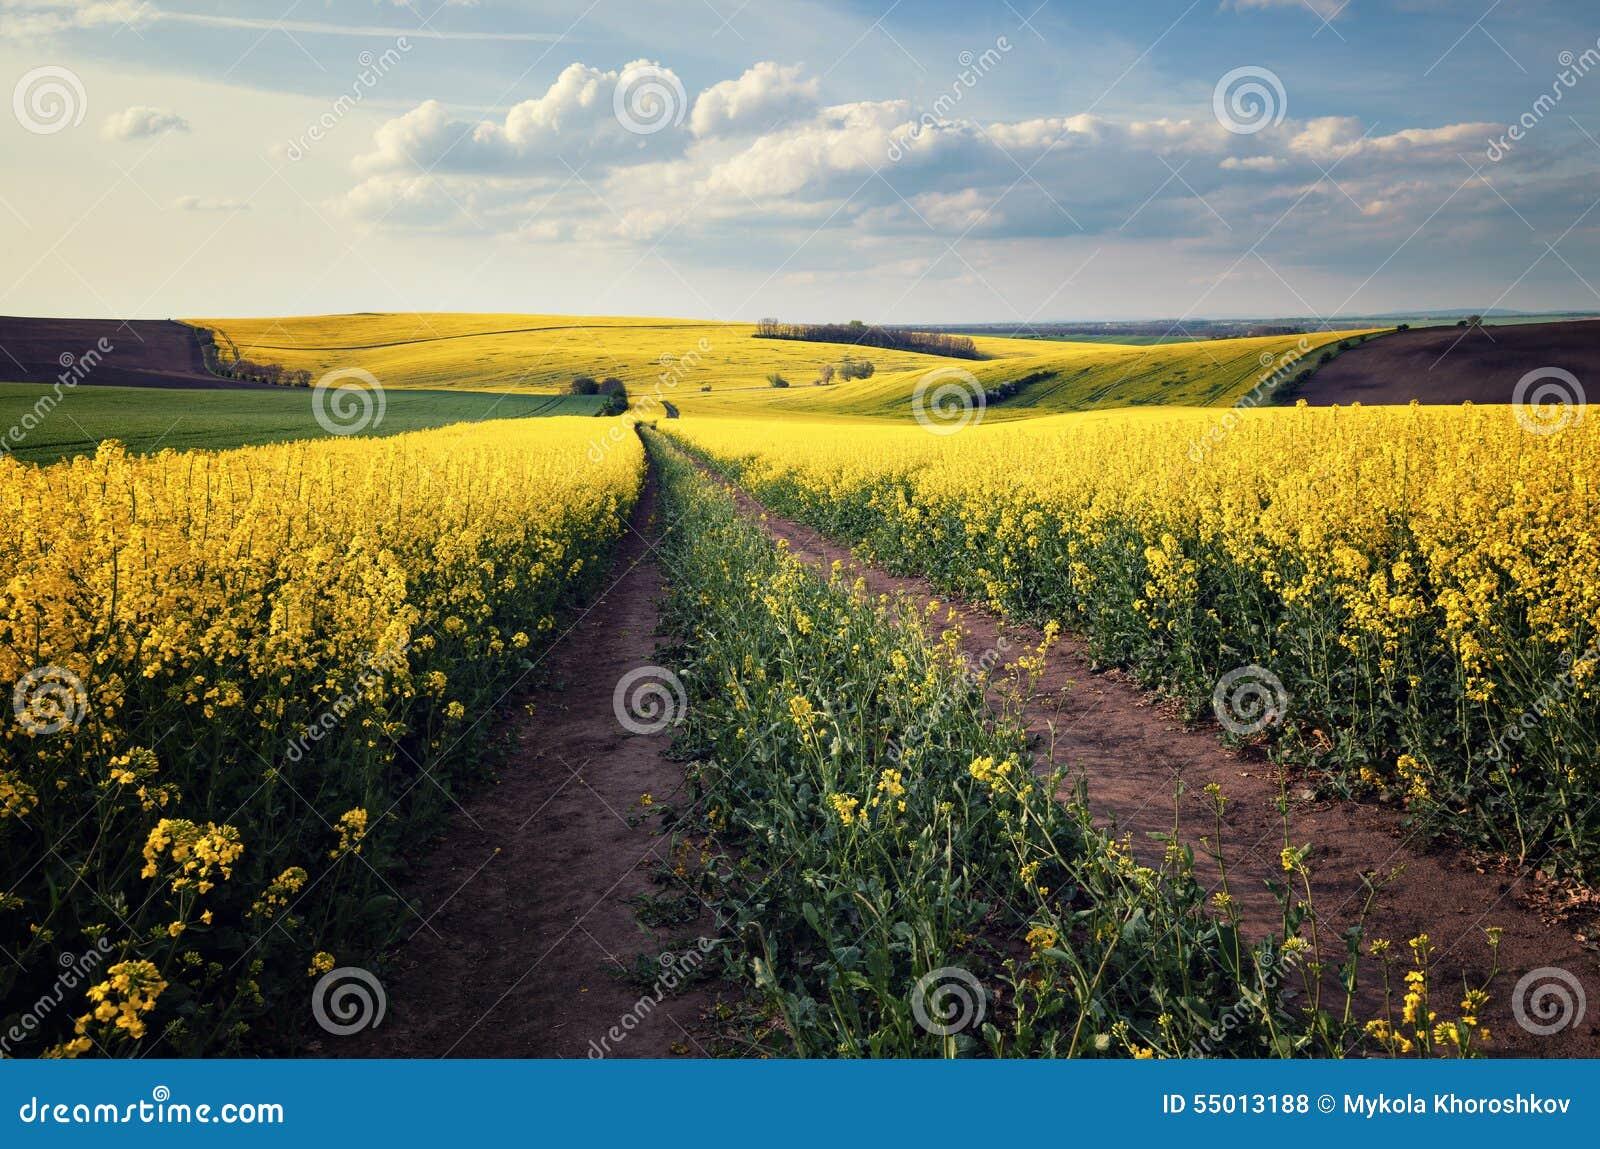 beautiful yellow field landscape - photo #1